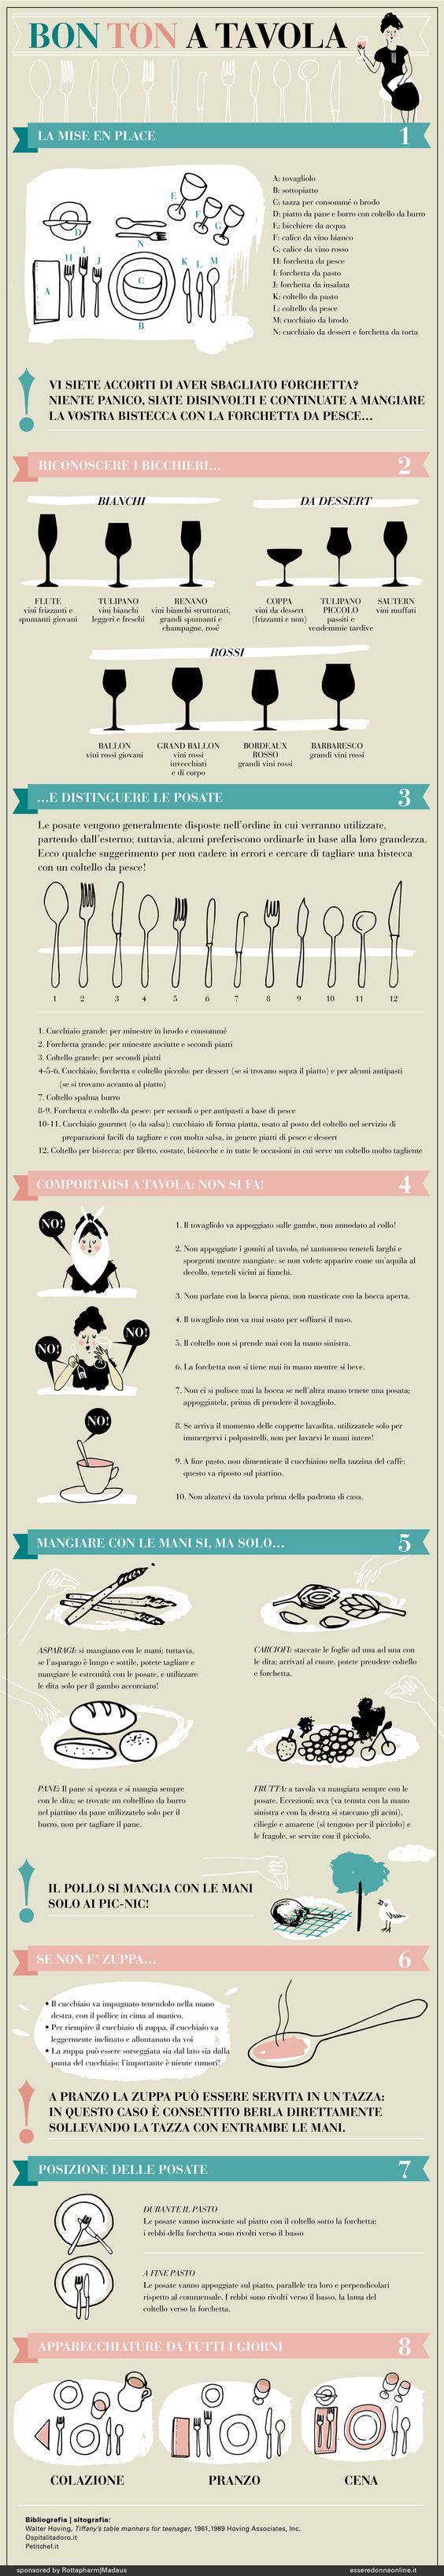 Il bon ton a tavola - Infografiche di Esseredonnaonline